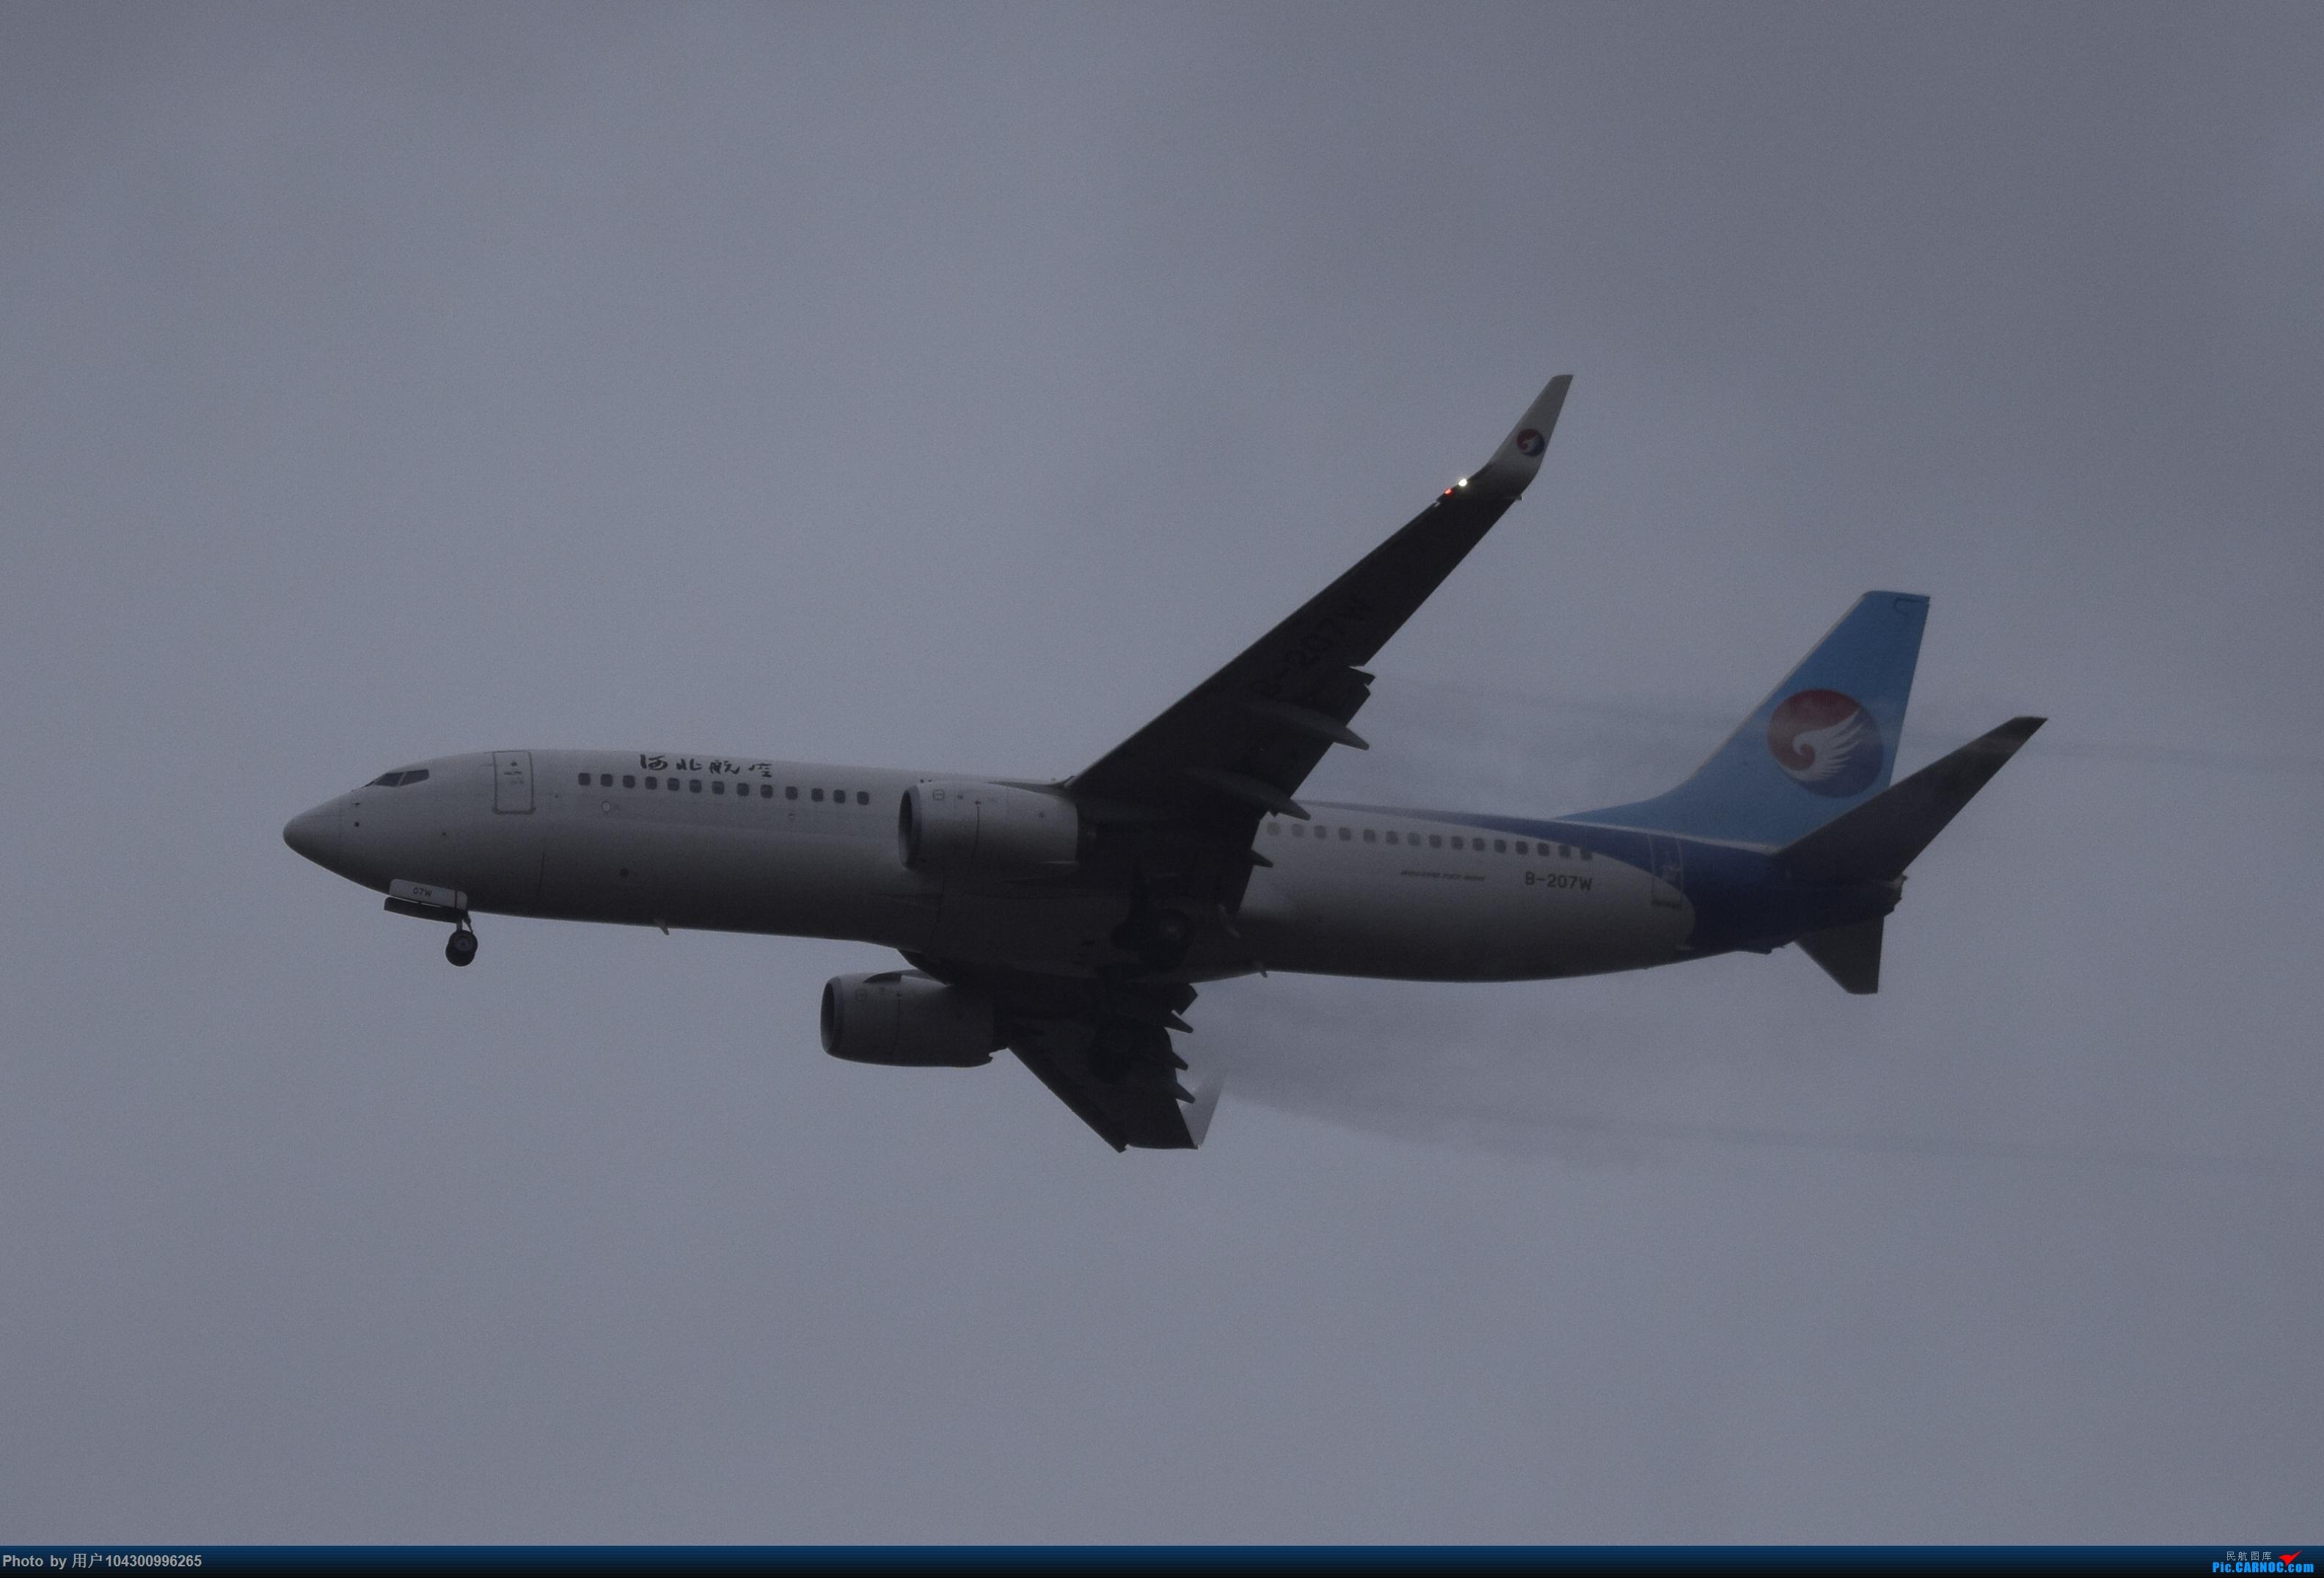 Re:[原创]乌云、雨雾之中的贵阳龙洞堡 BOEING 737-800 B-207W 中国贵阳龙洞堡国际机场